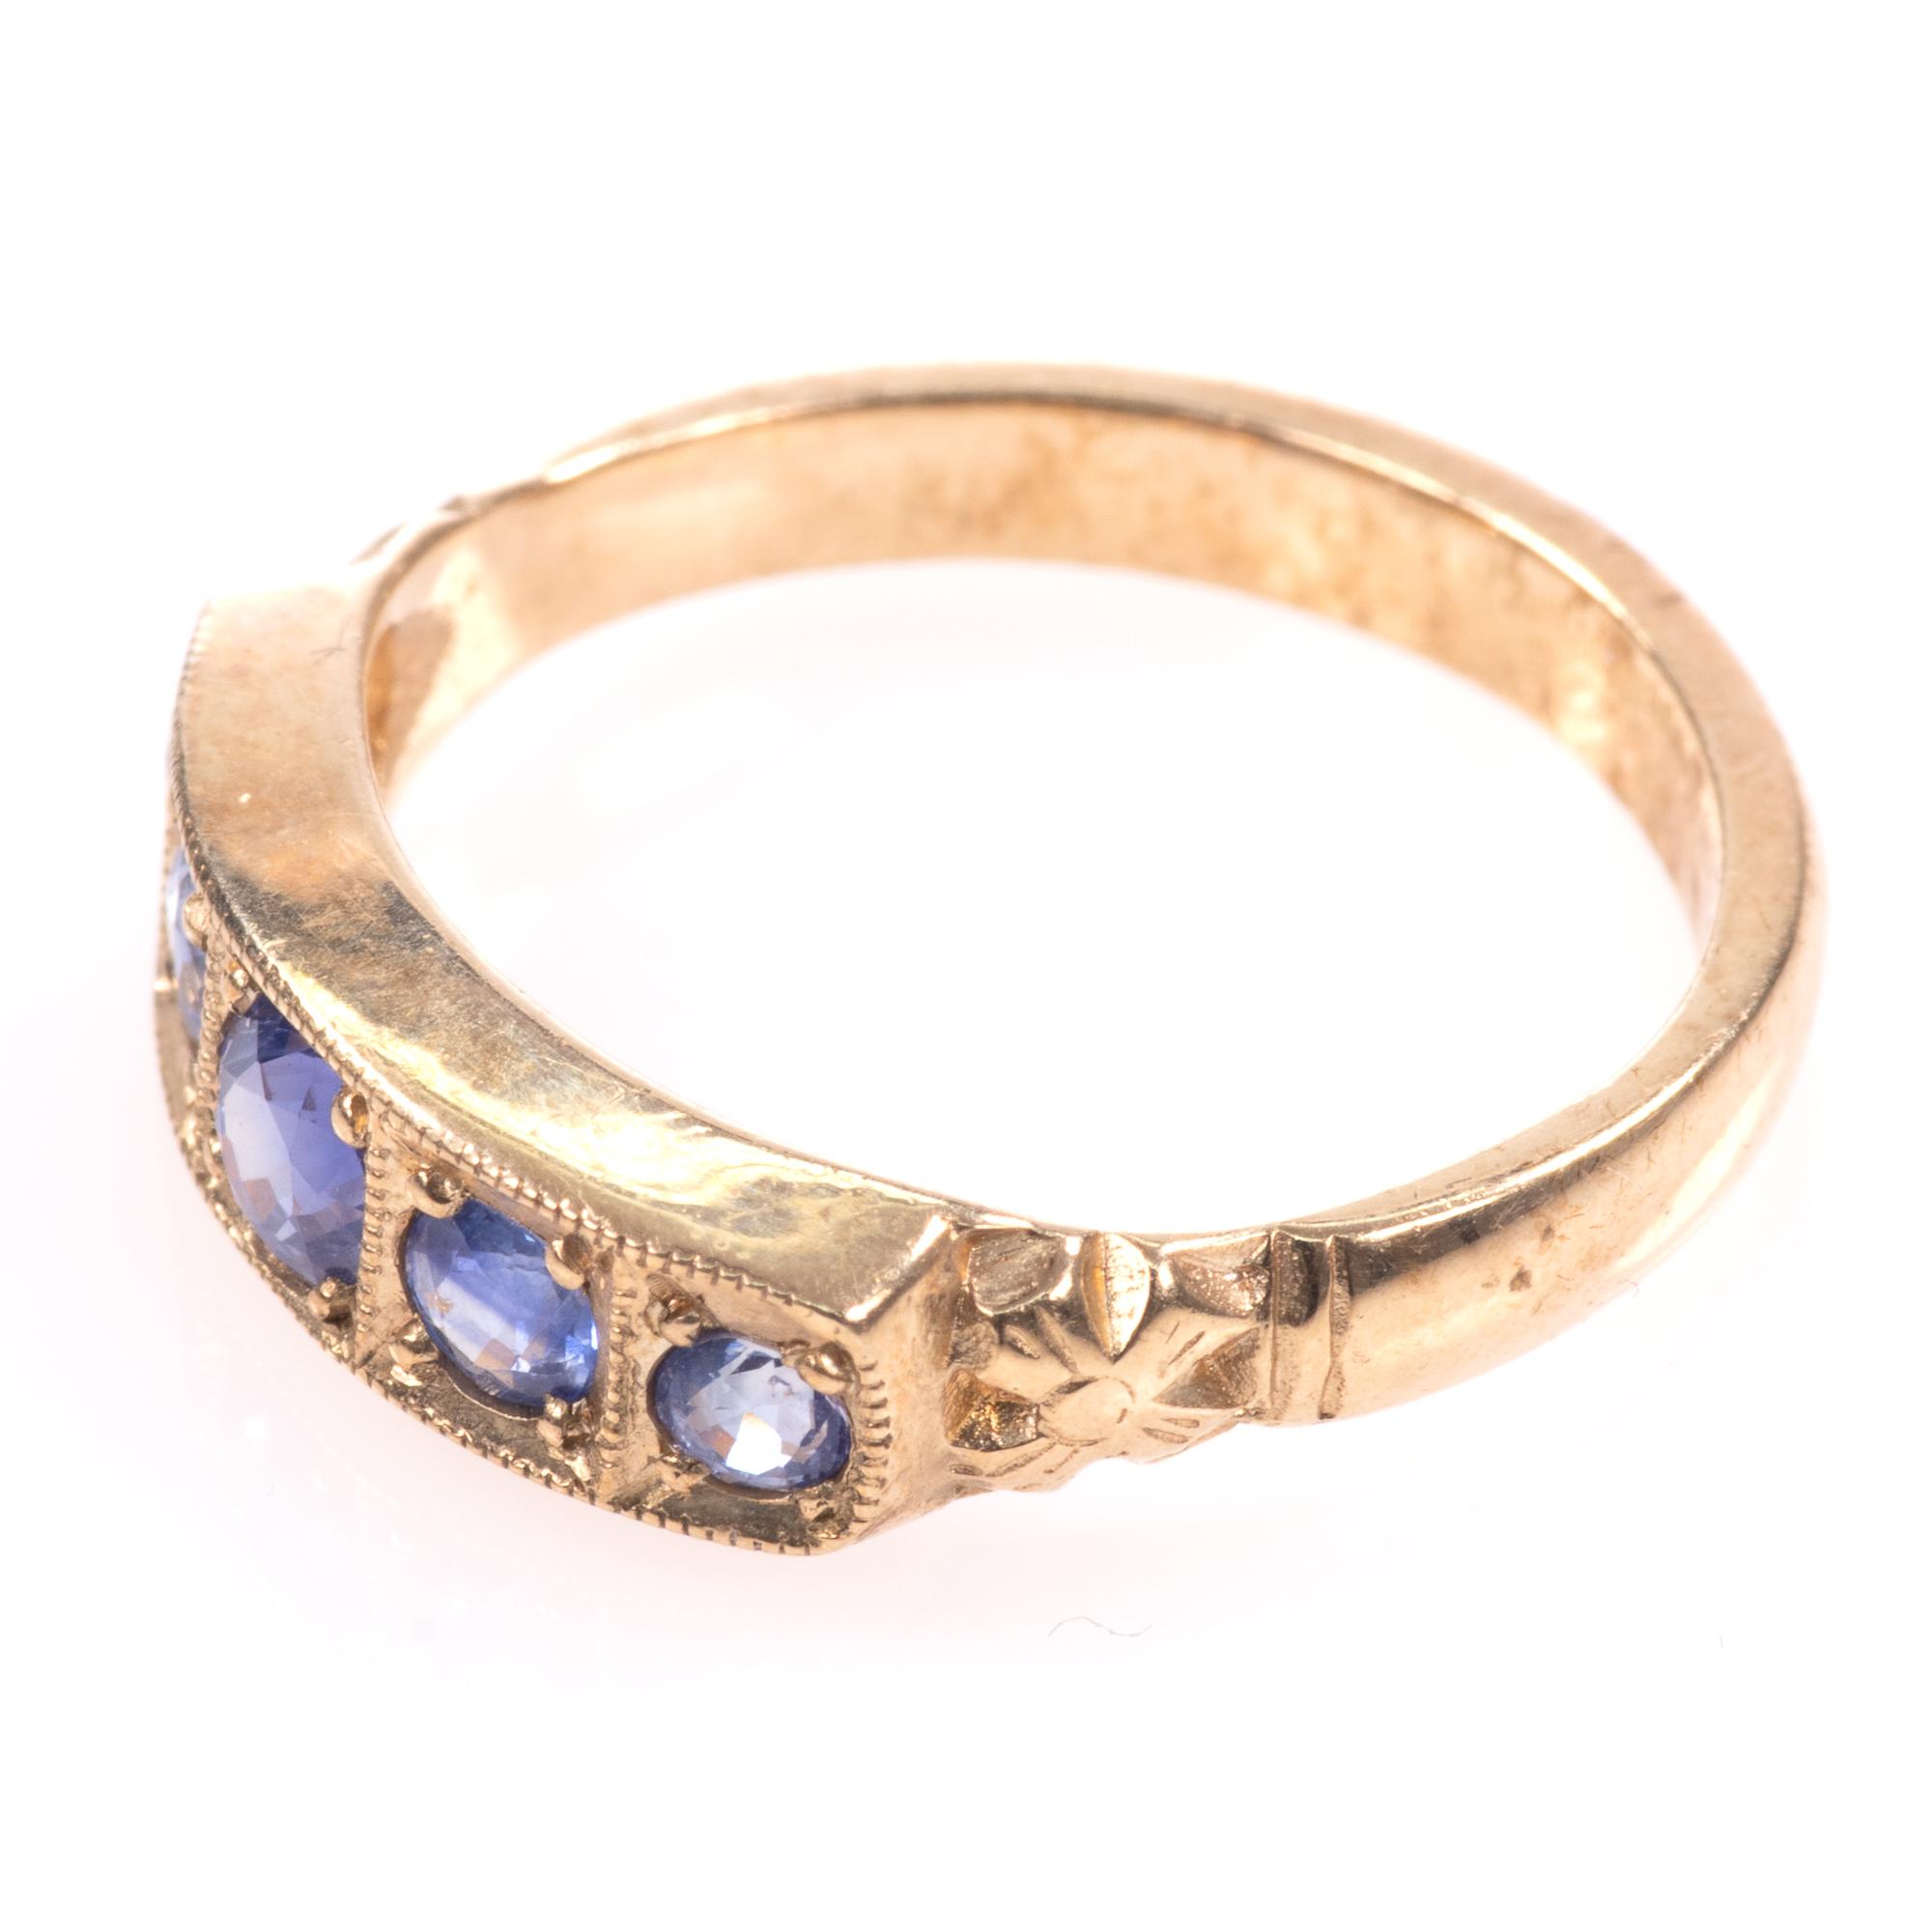 9ct Gold Aquamarine Ring - Image 4 of 8